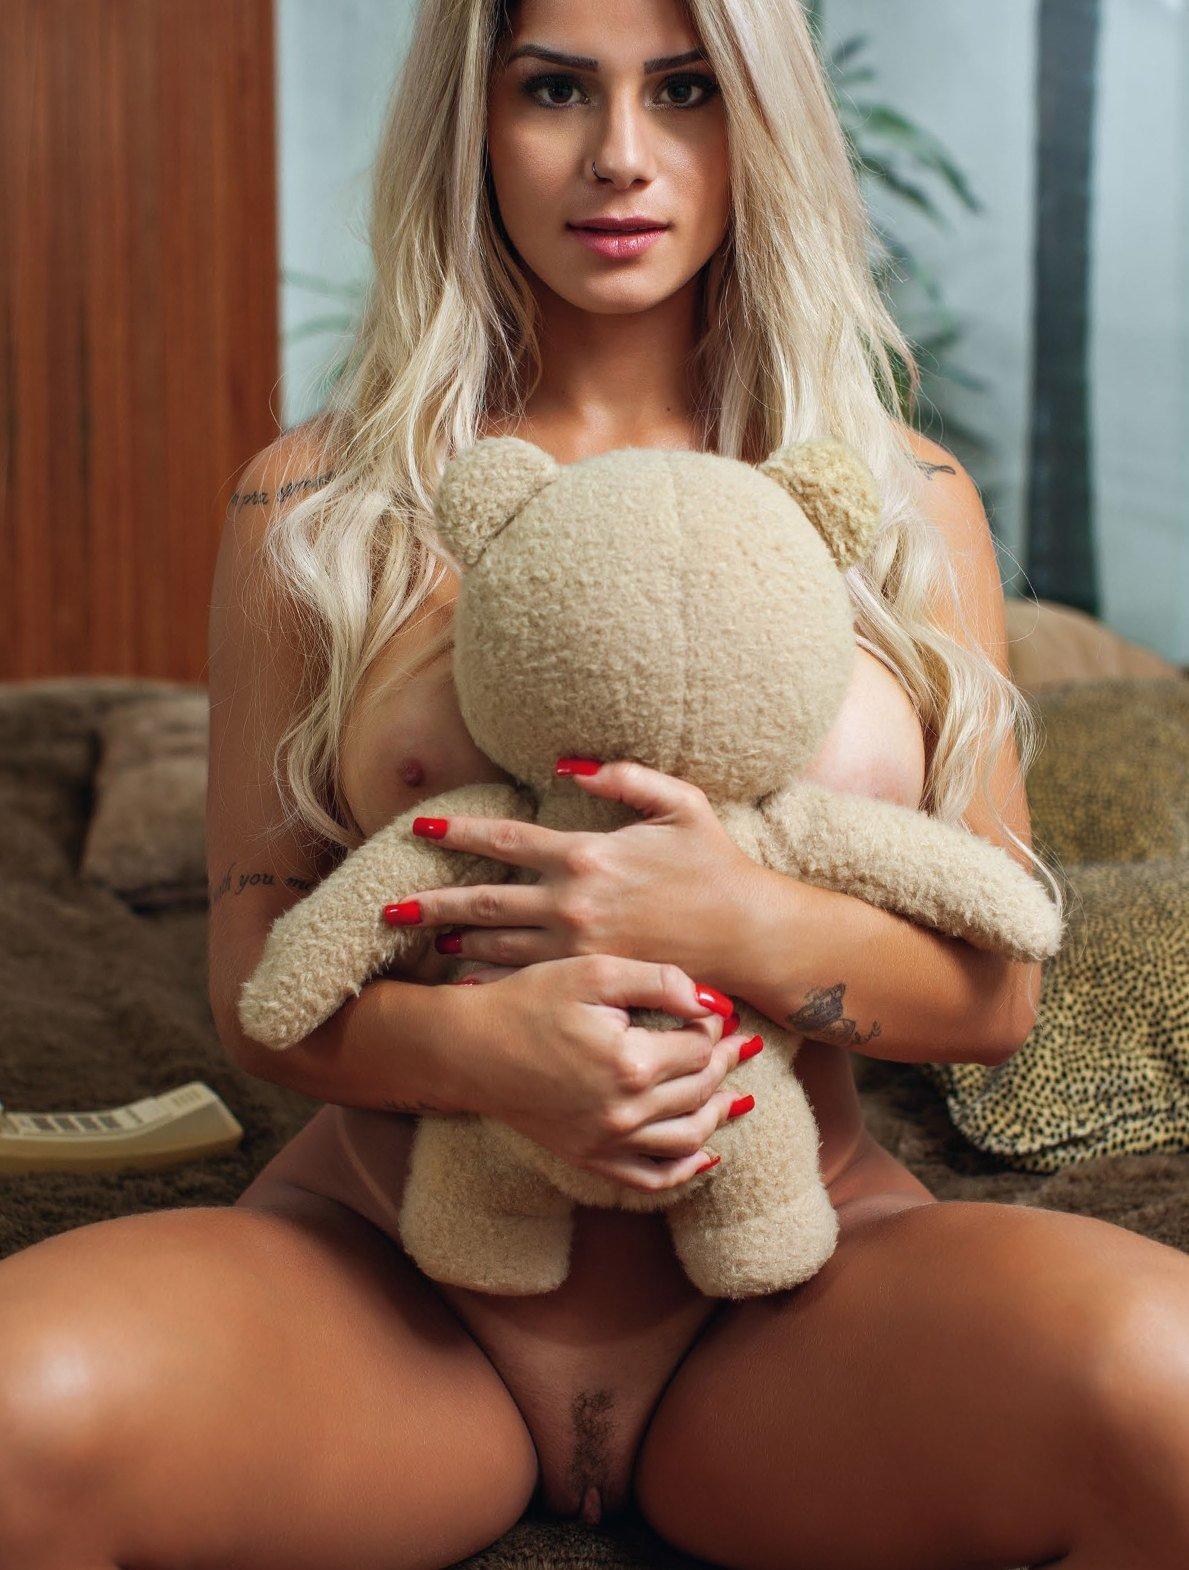 Fotos Playboy Panicat Iara Ramos Outubro (19)